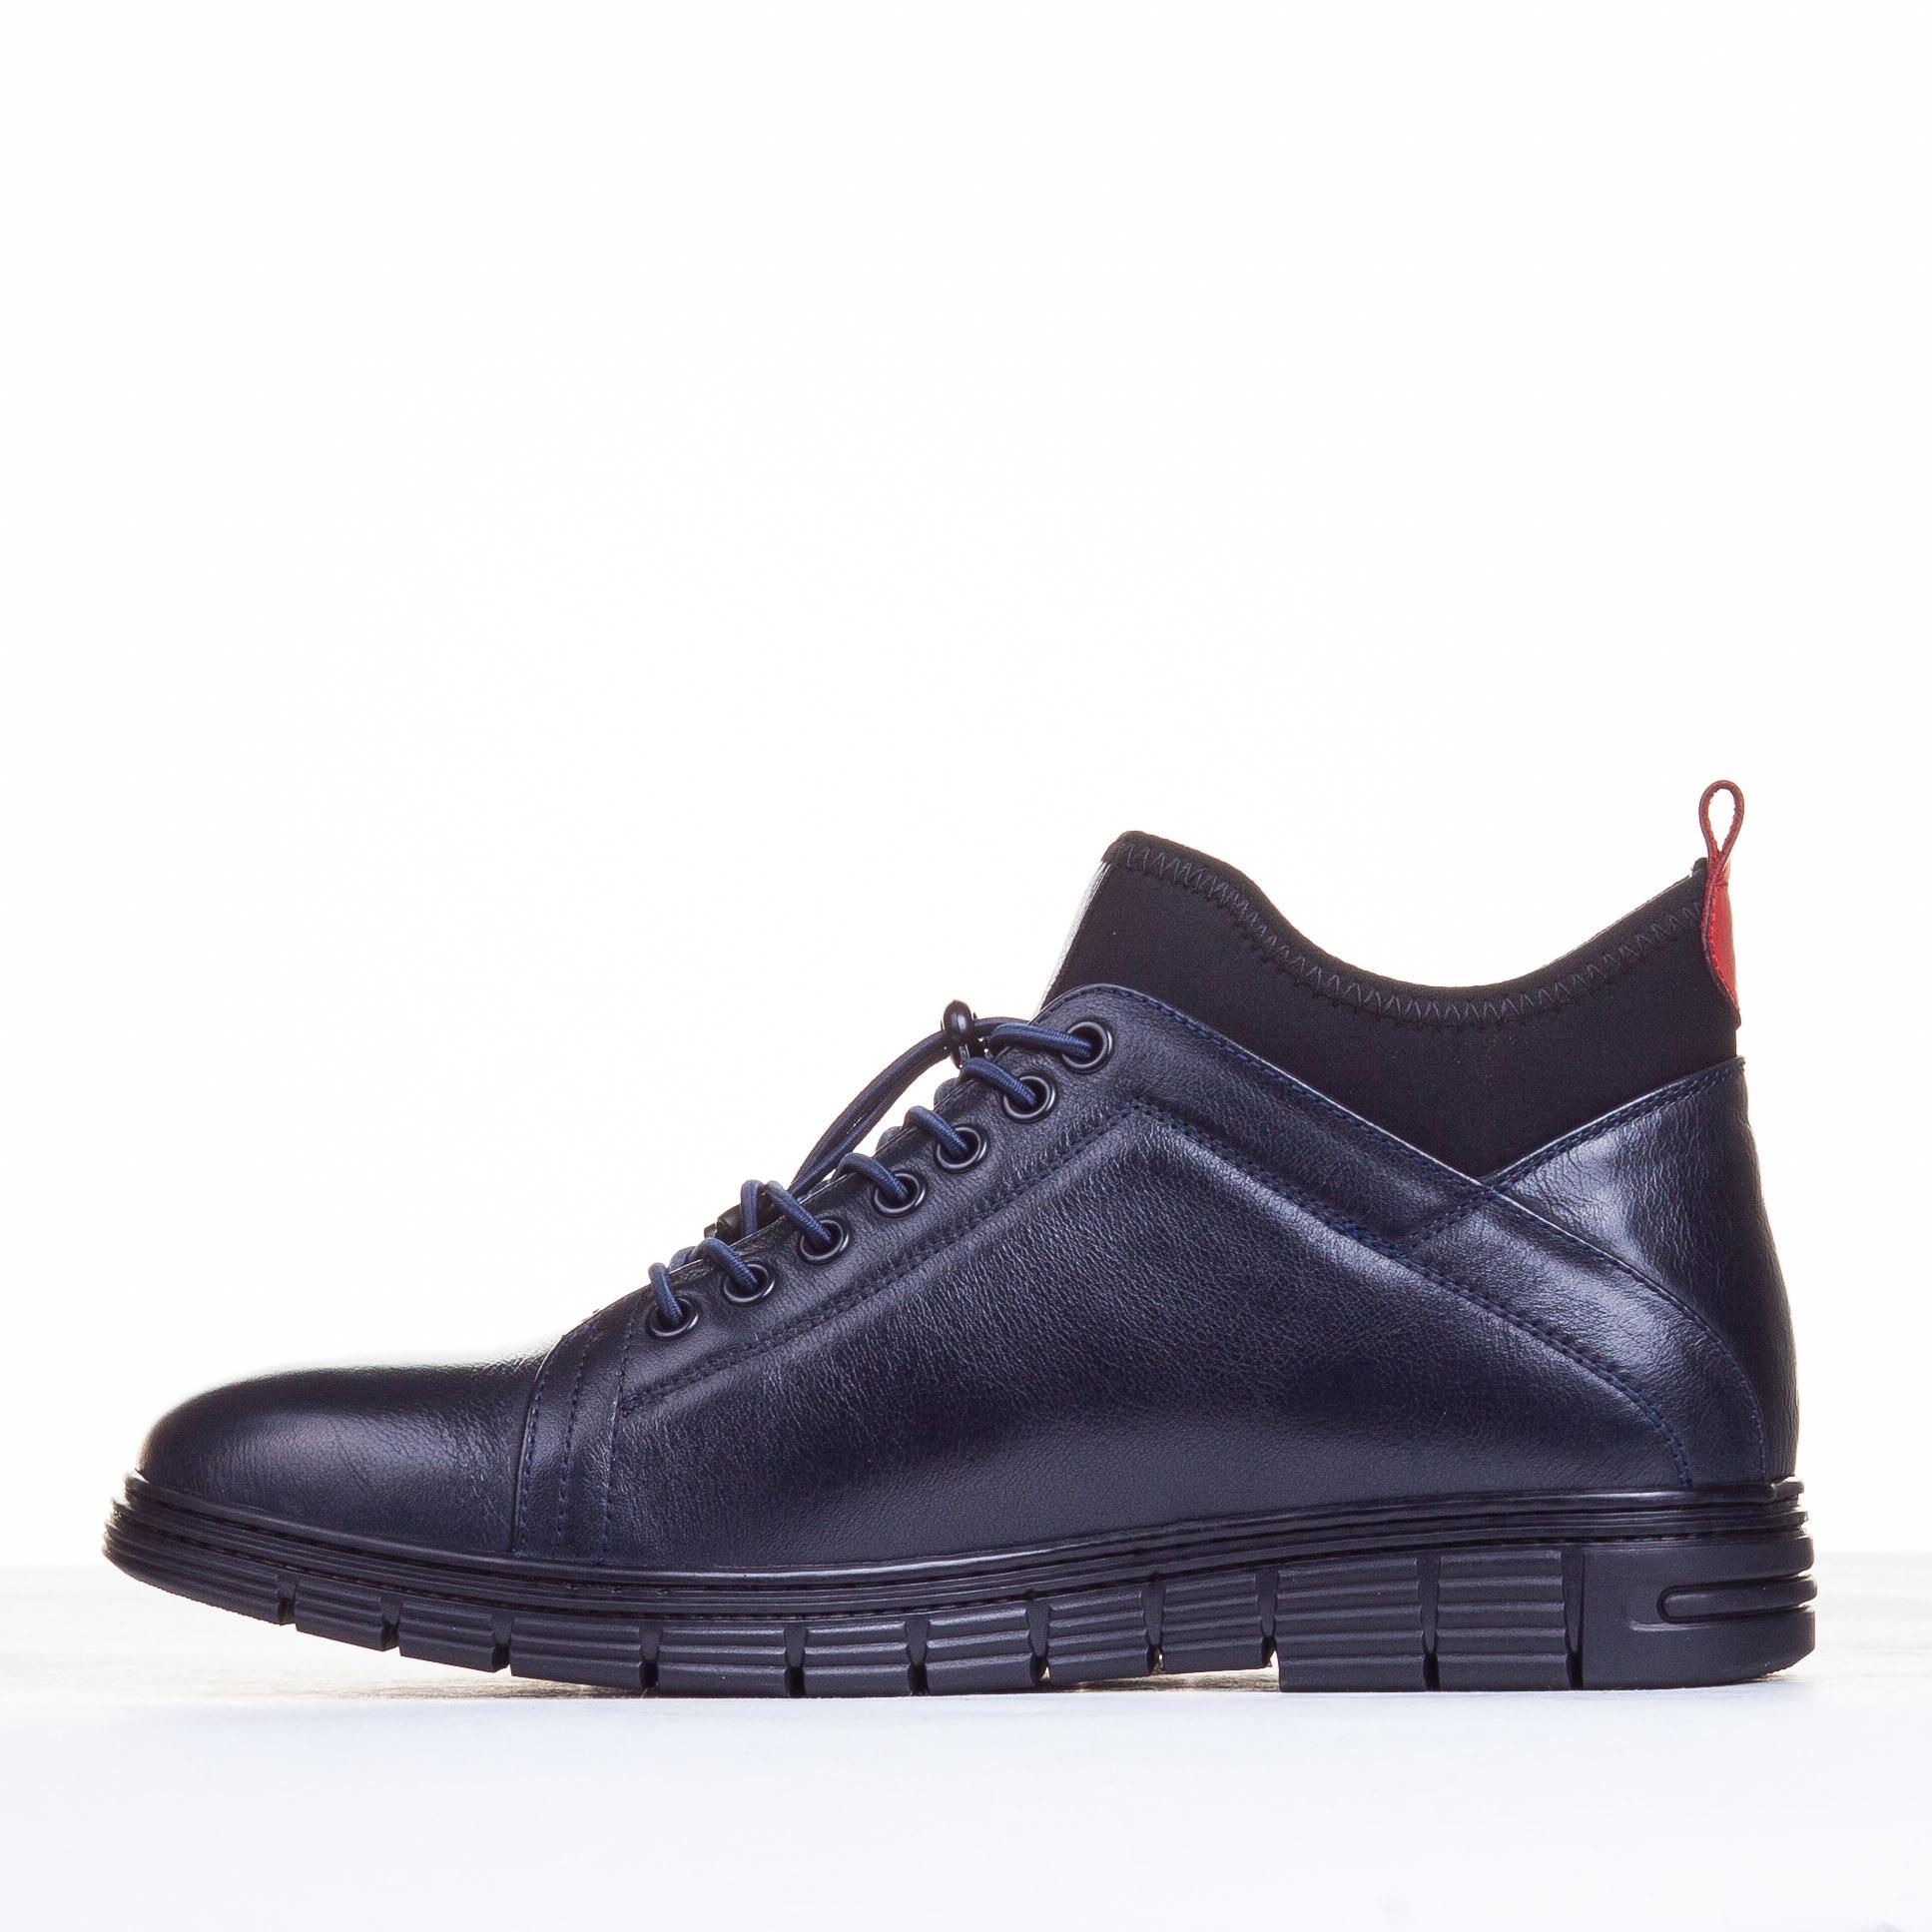 TABRIANO ботинки мужские